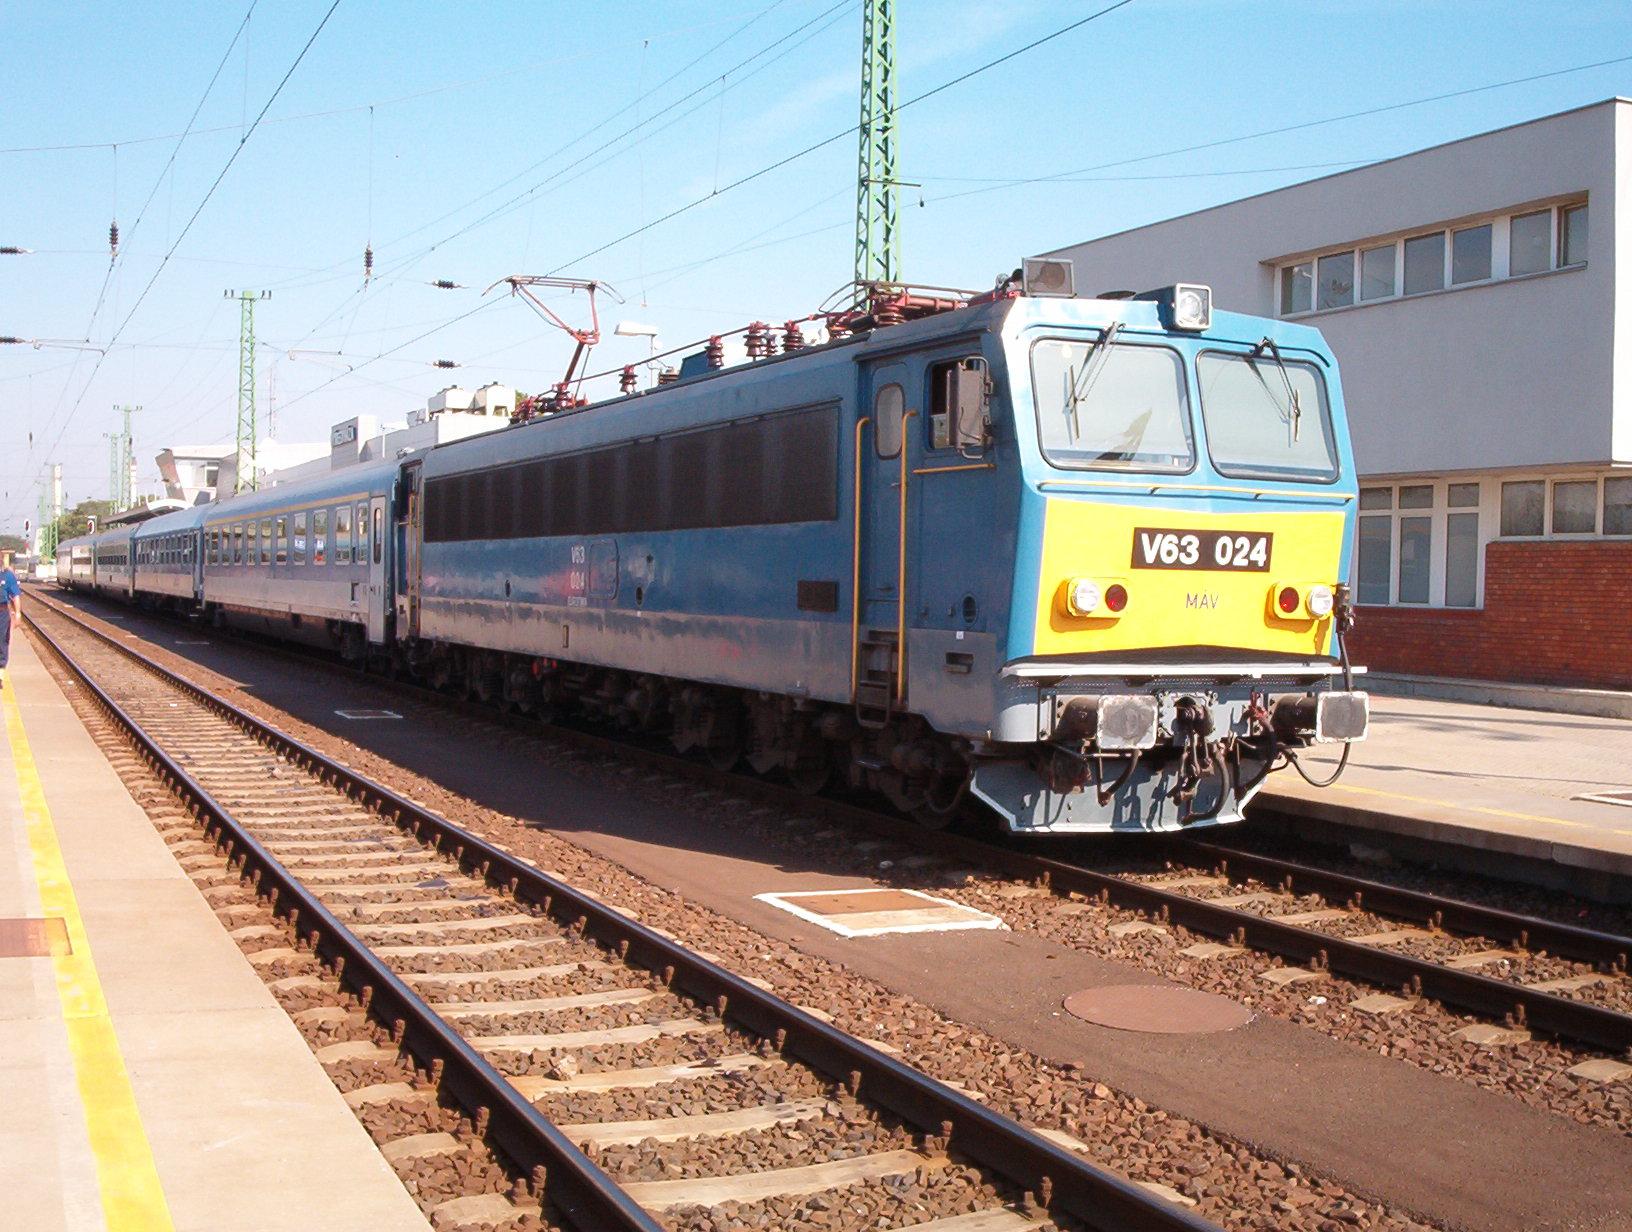 V63 024 Ni.JPG